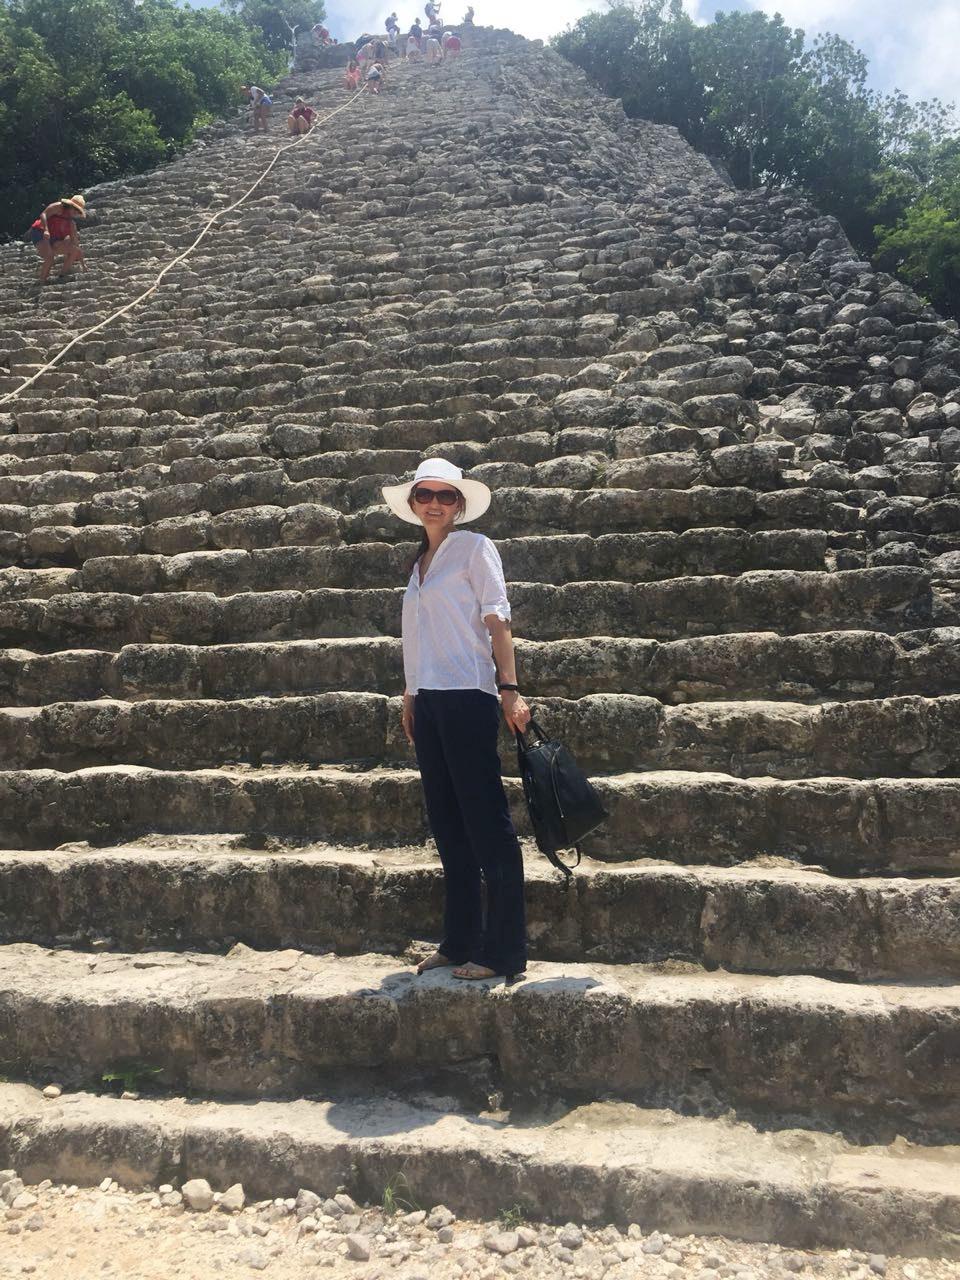 Если не сомбреро, то хотя бы шляпа в Мексике обязательны